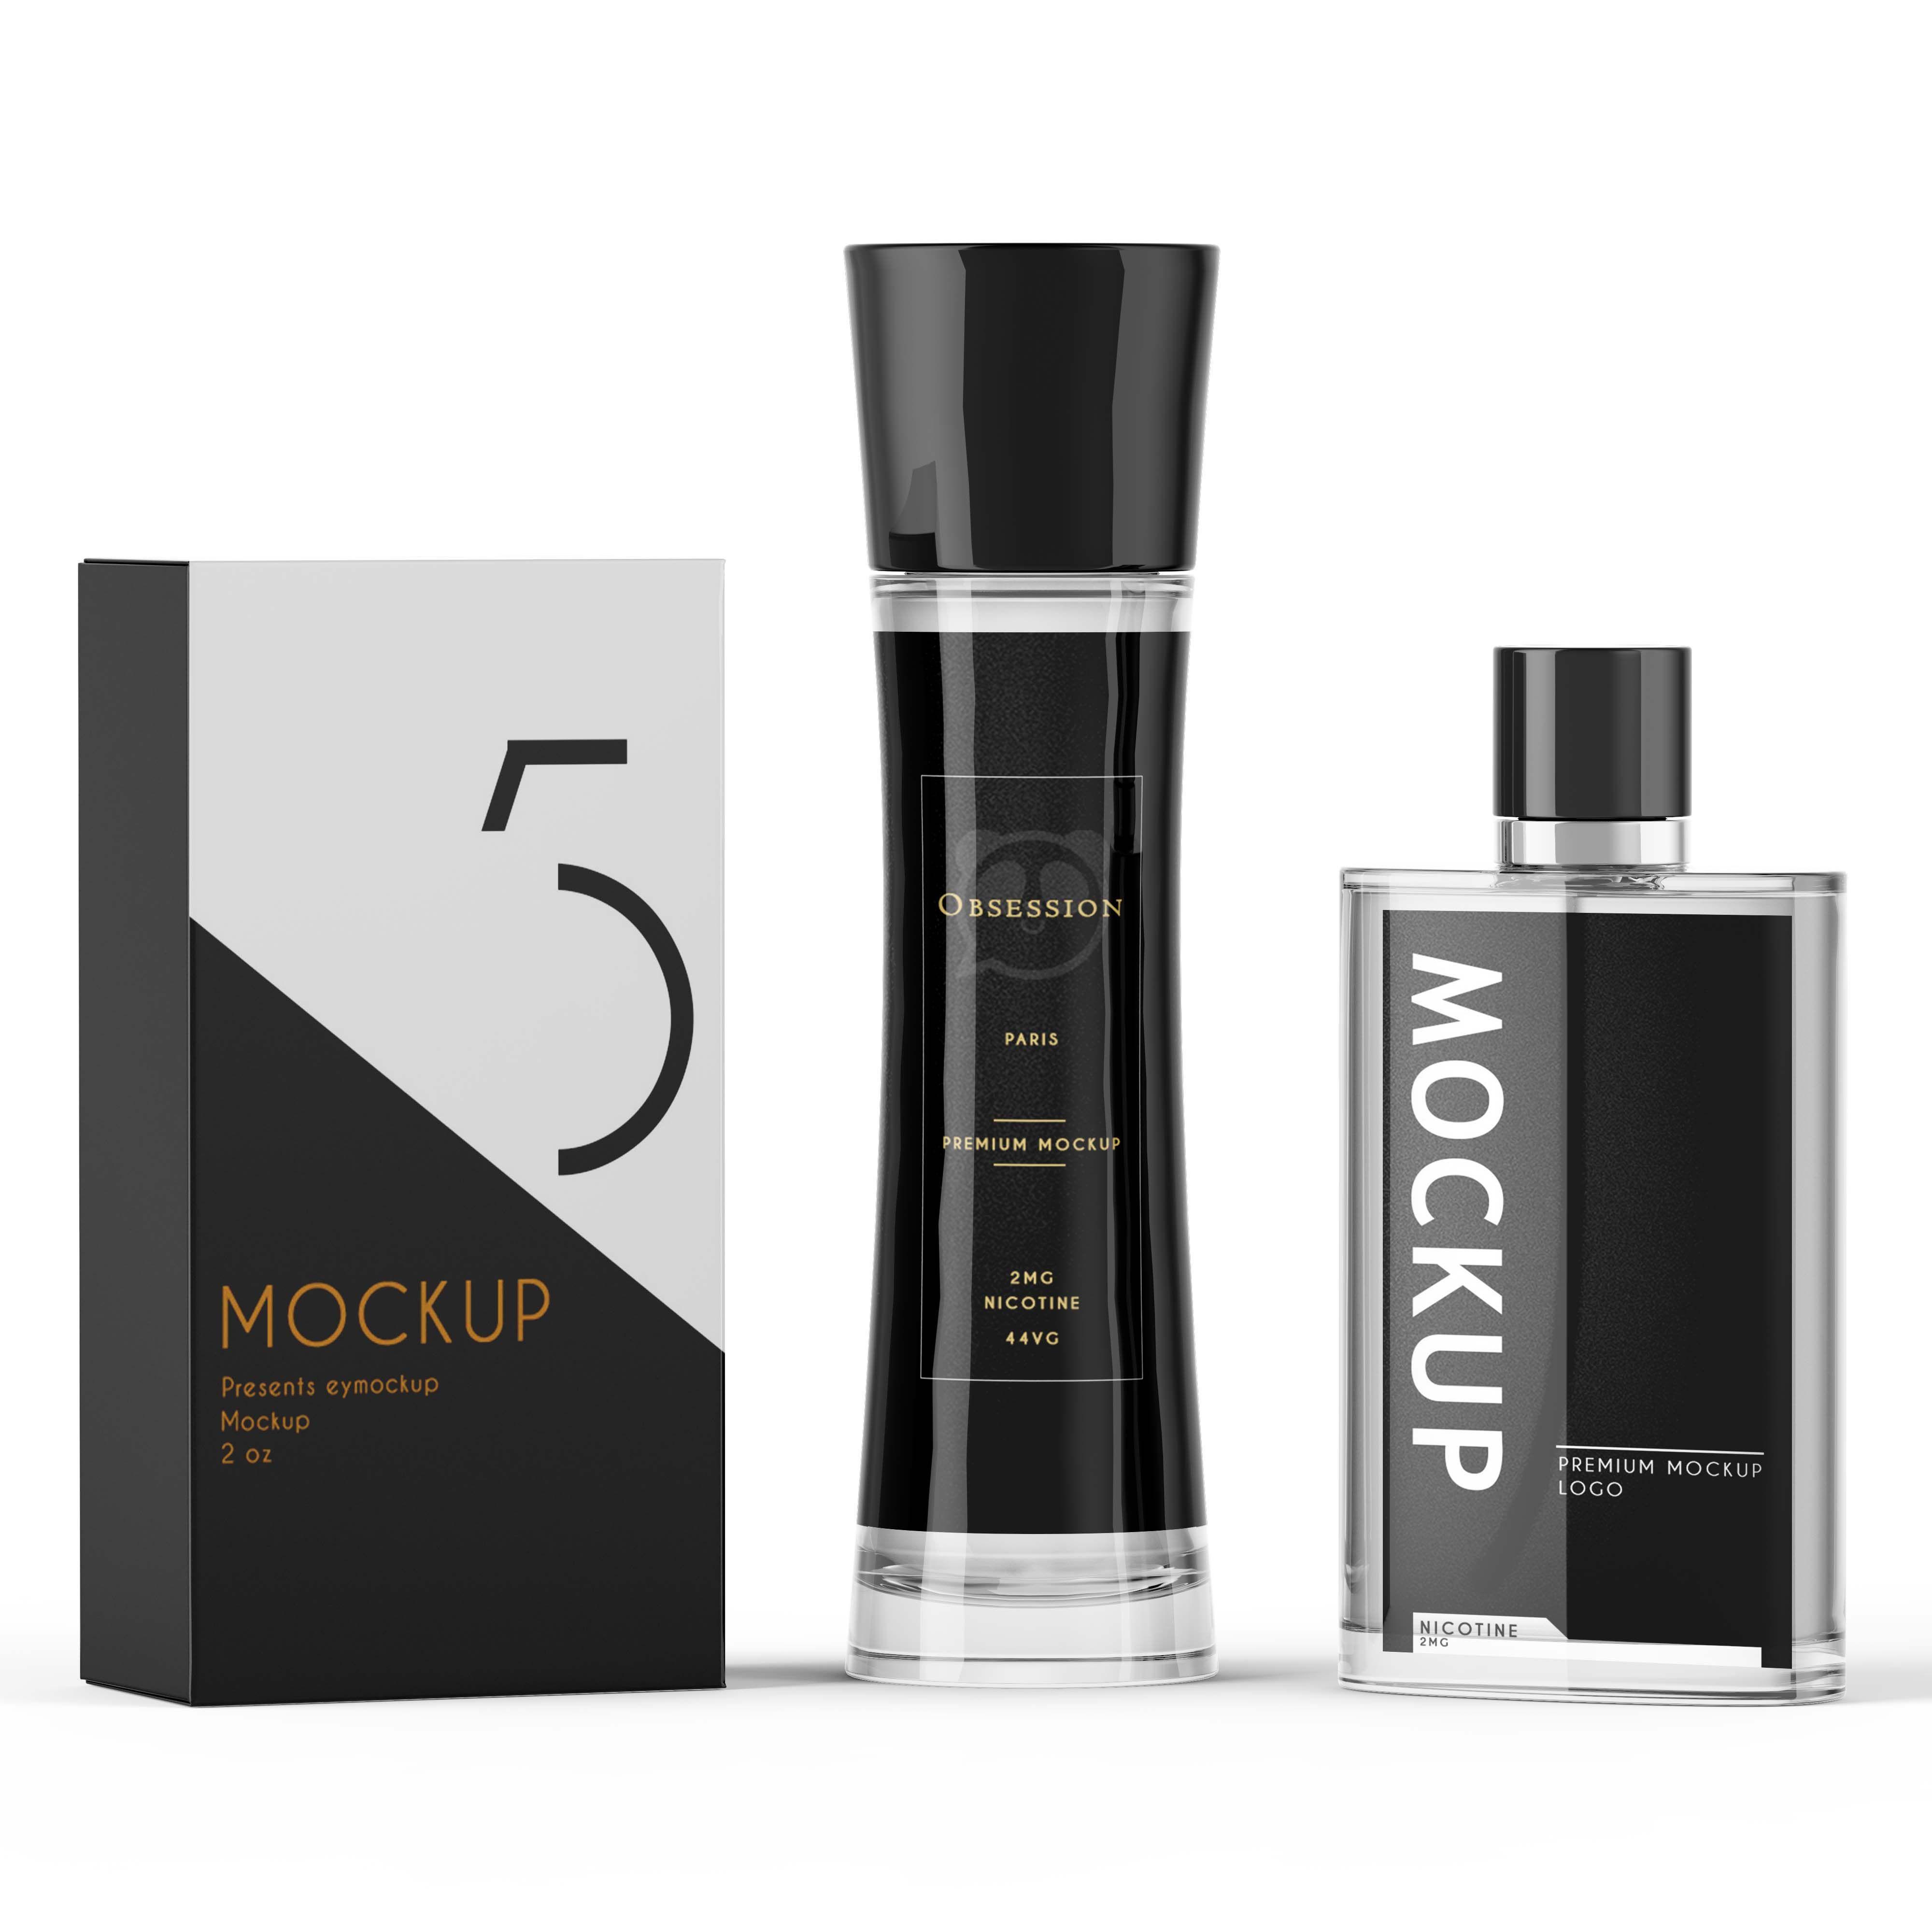 Download Black Scent Bottle Label Packaging Mockup Downloadpsd Labelmockup Mockups Psd Psdfile Productsmockup Mockup Free Psd Logo Design Mockup Free Logo Mockup